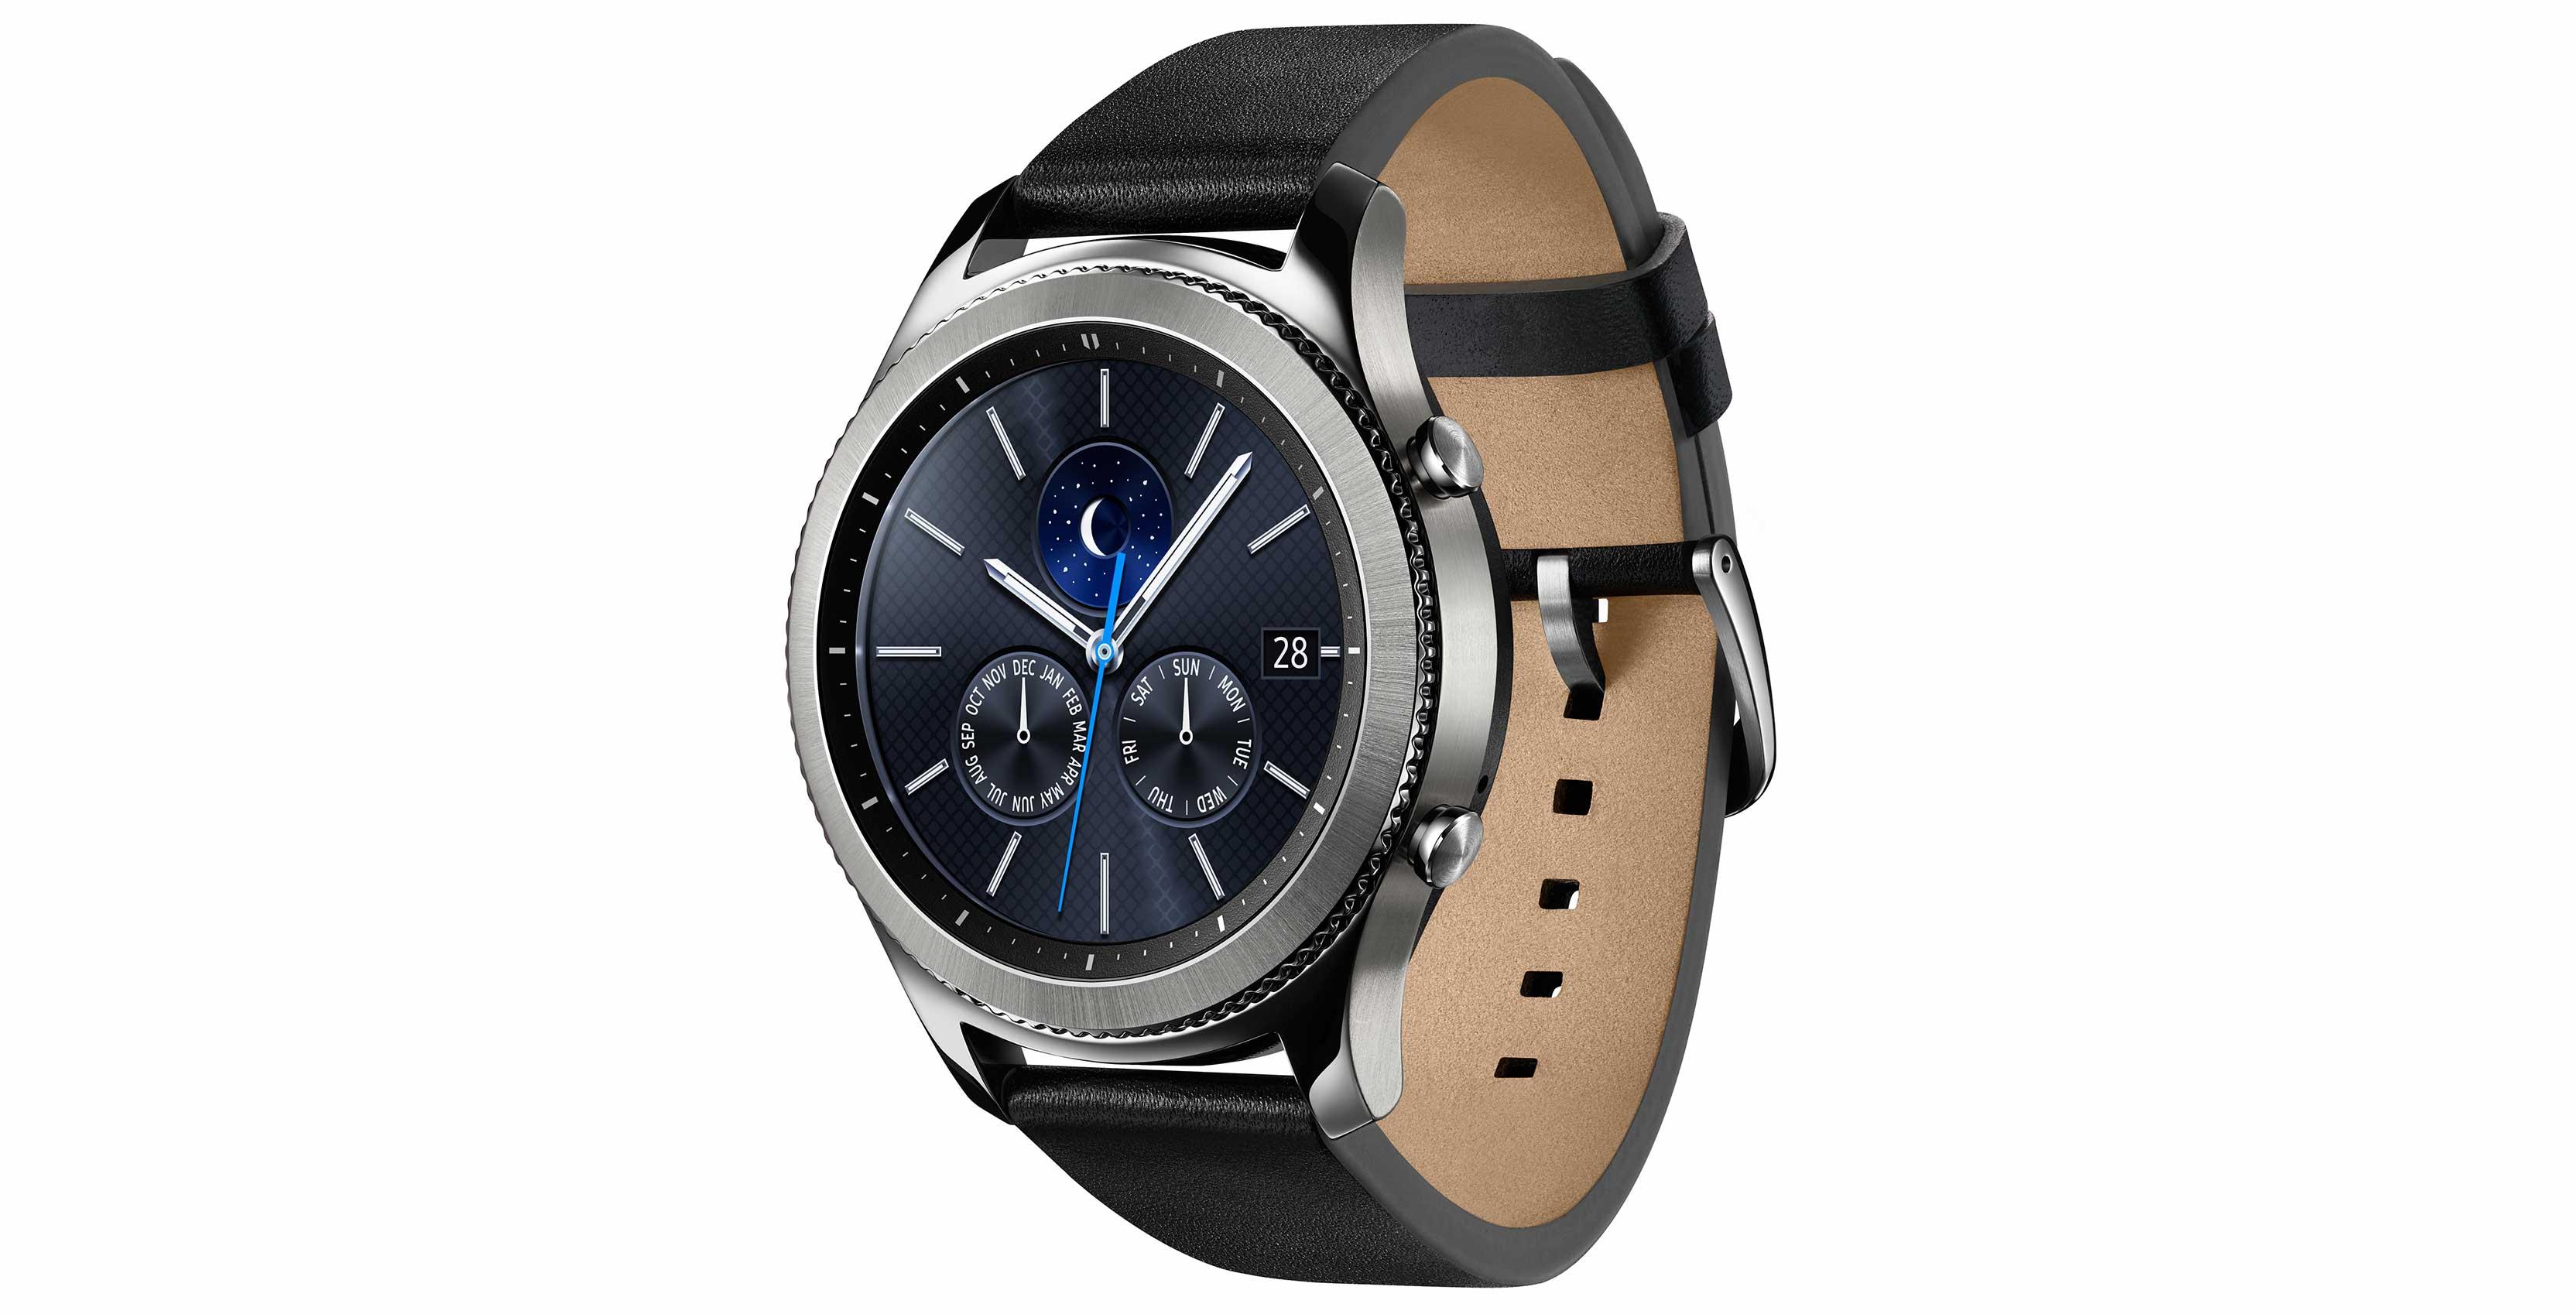 Samsung Gear S3 smartwatch running samsung tizen security vulnerabilities